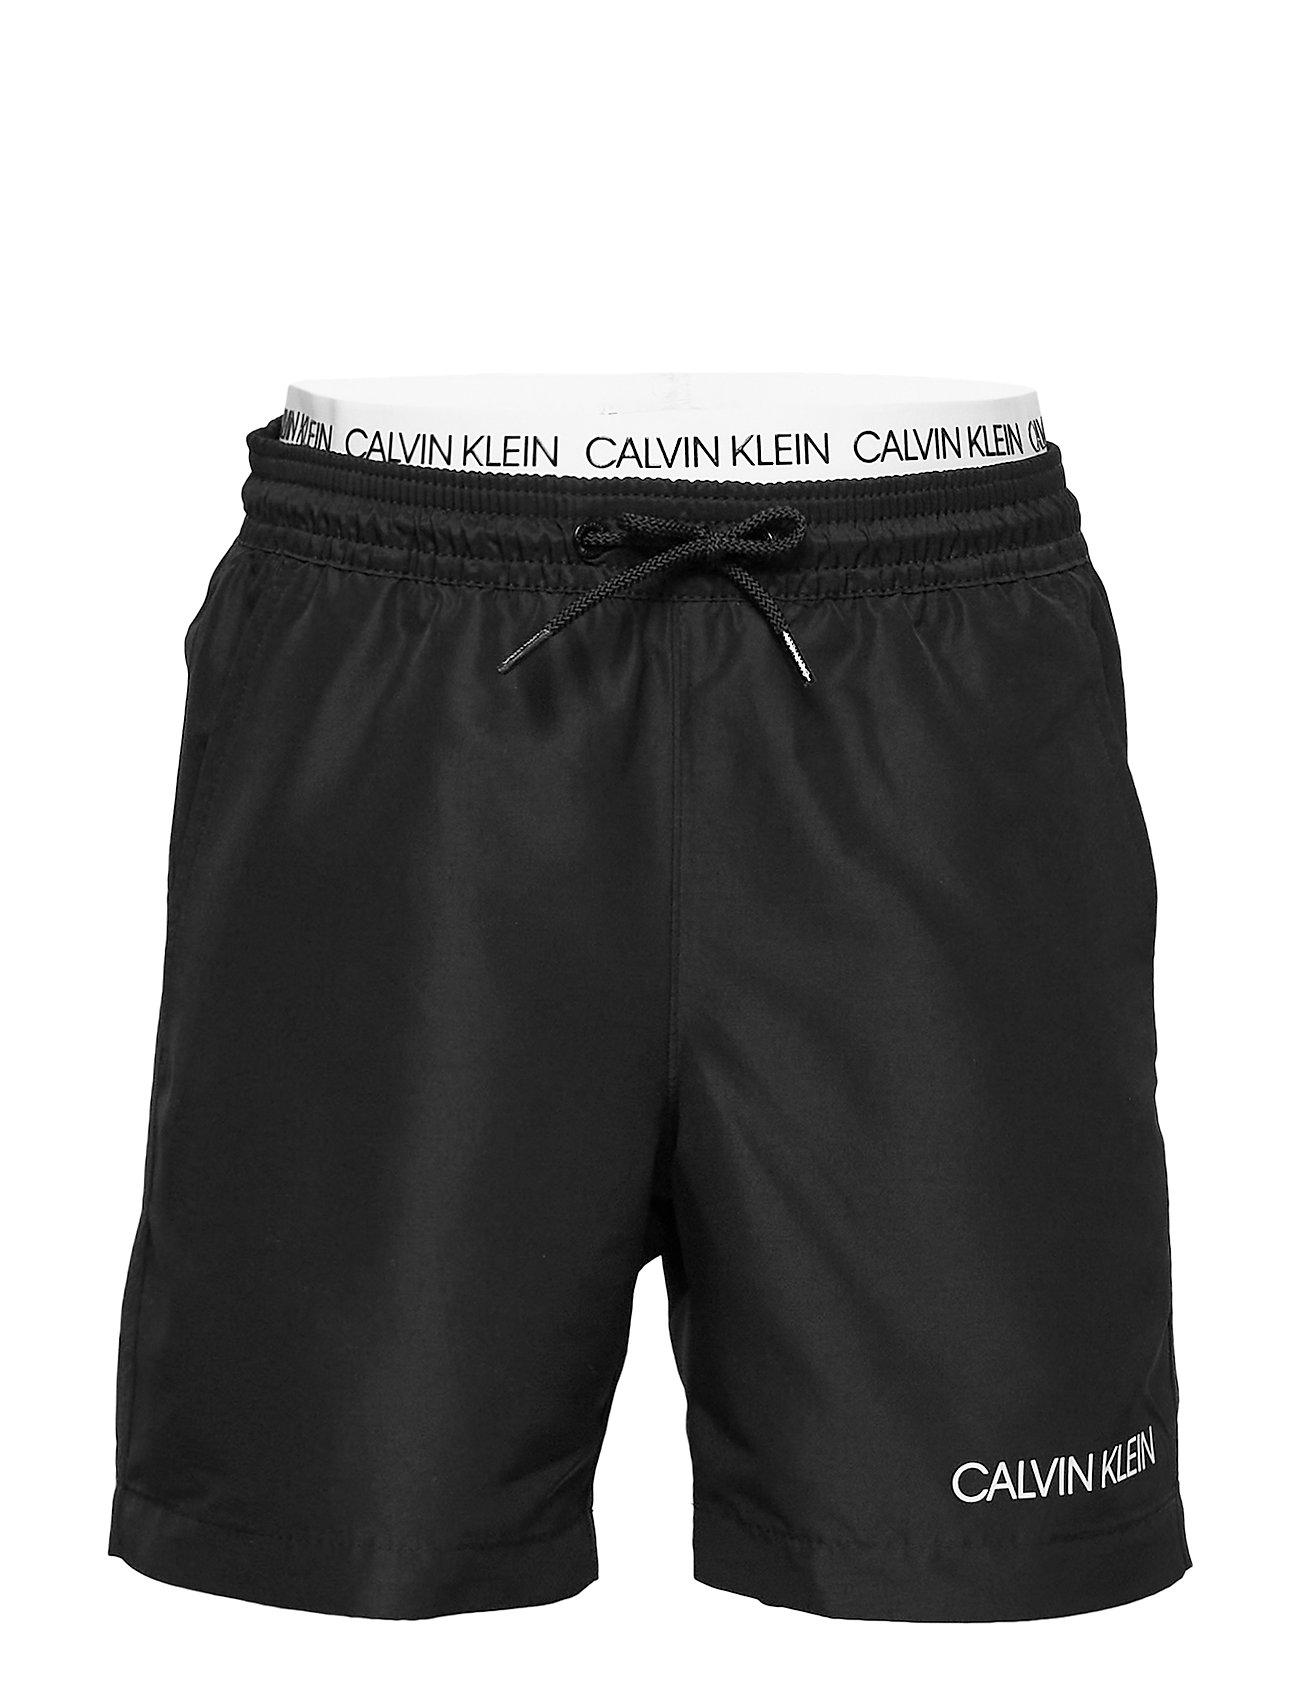 Calvin Klein MEDIUM DOUBLE WAISTBAND - PVH BLACK